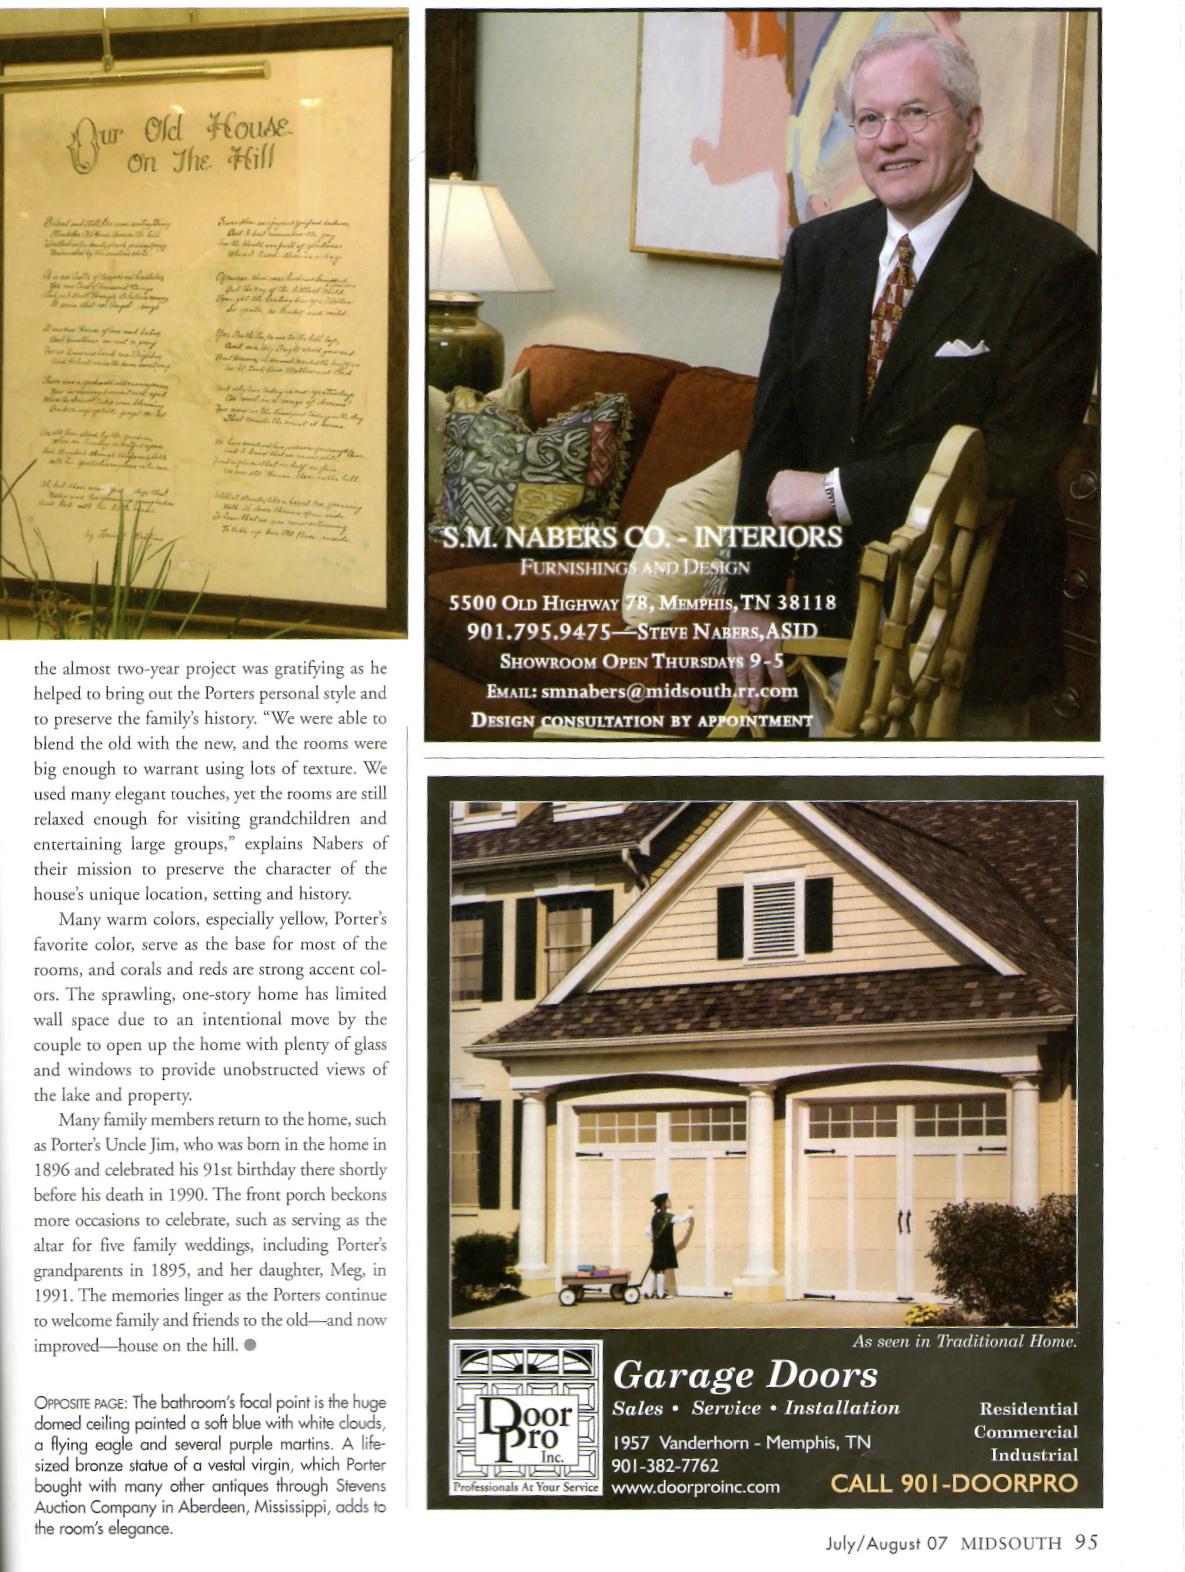 Endville-pages 10.jpeg